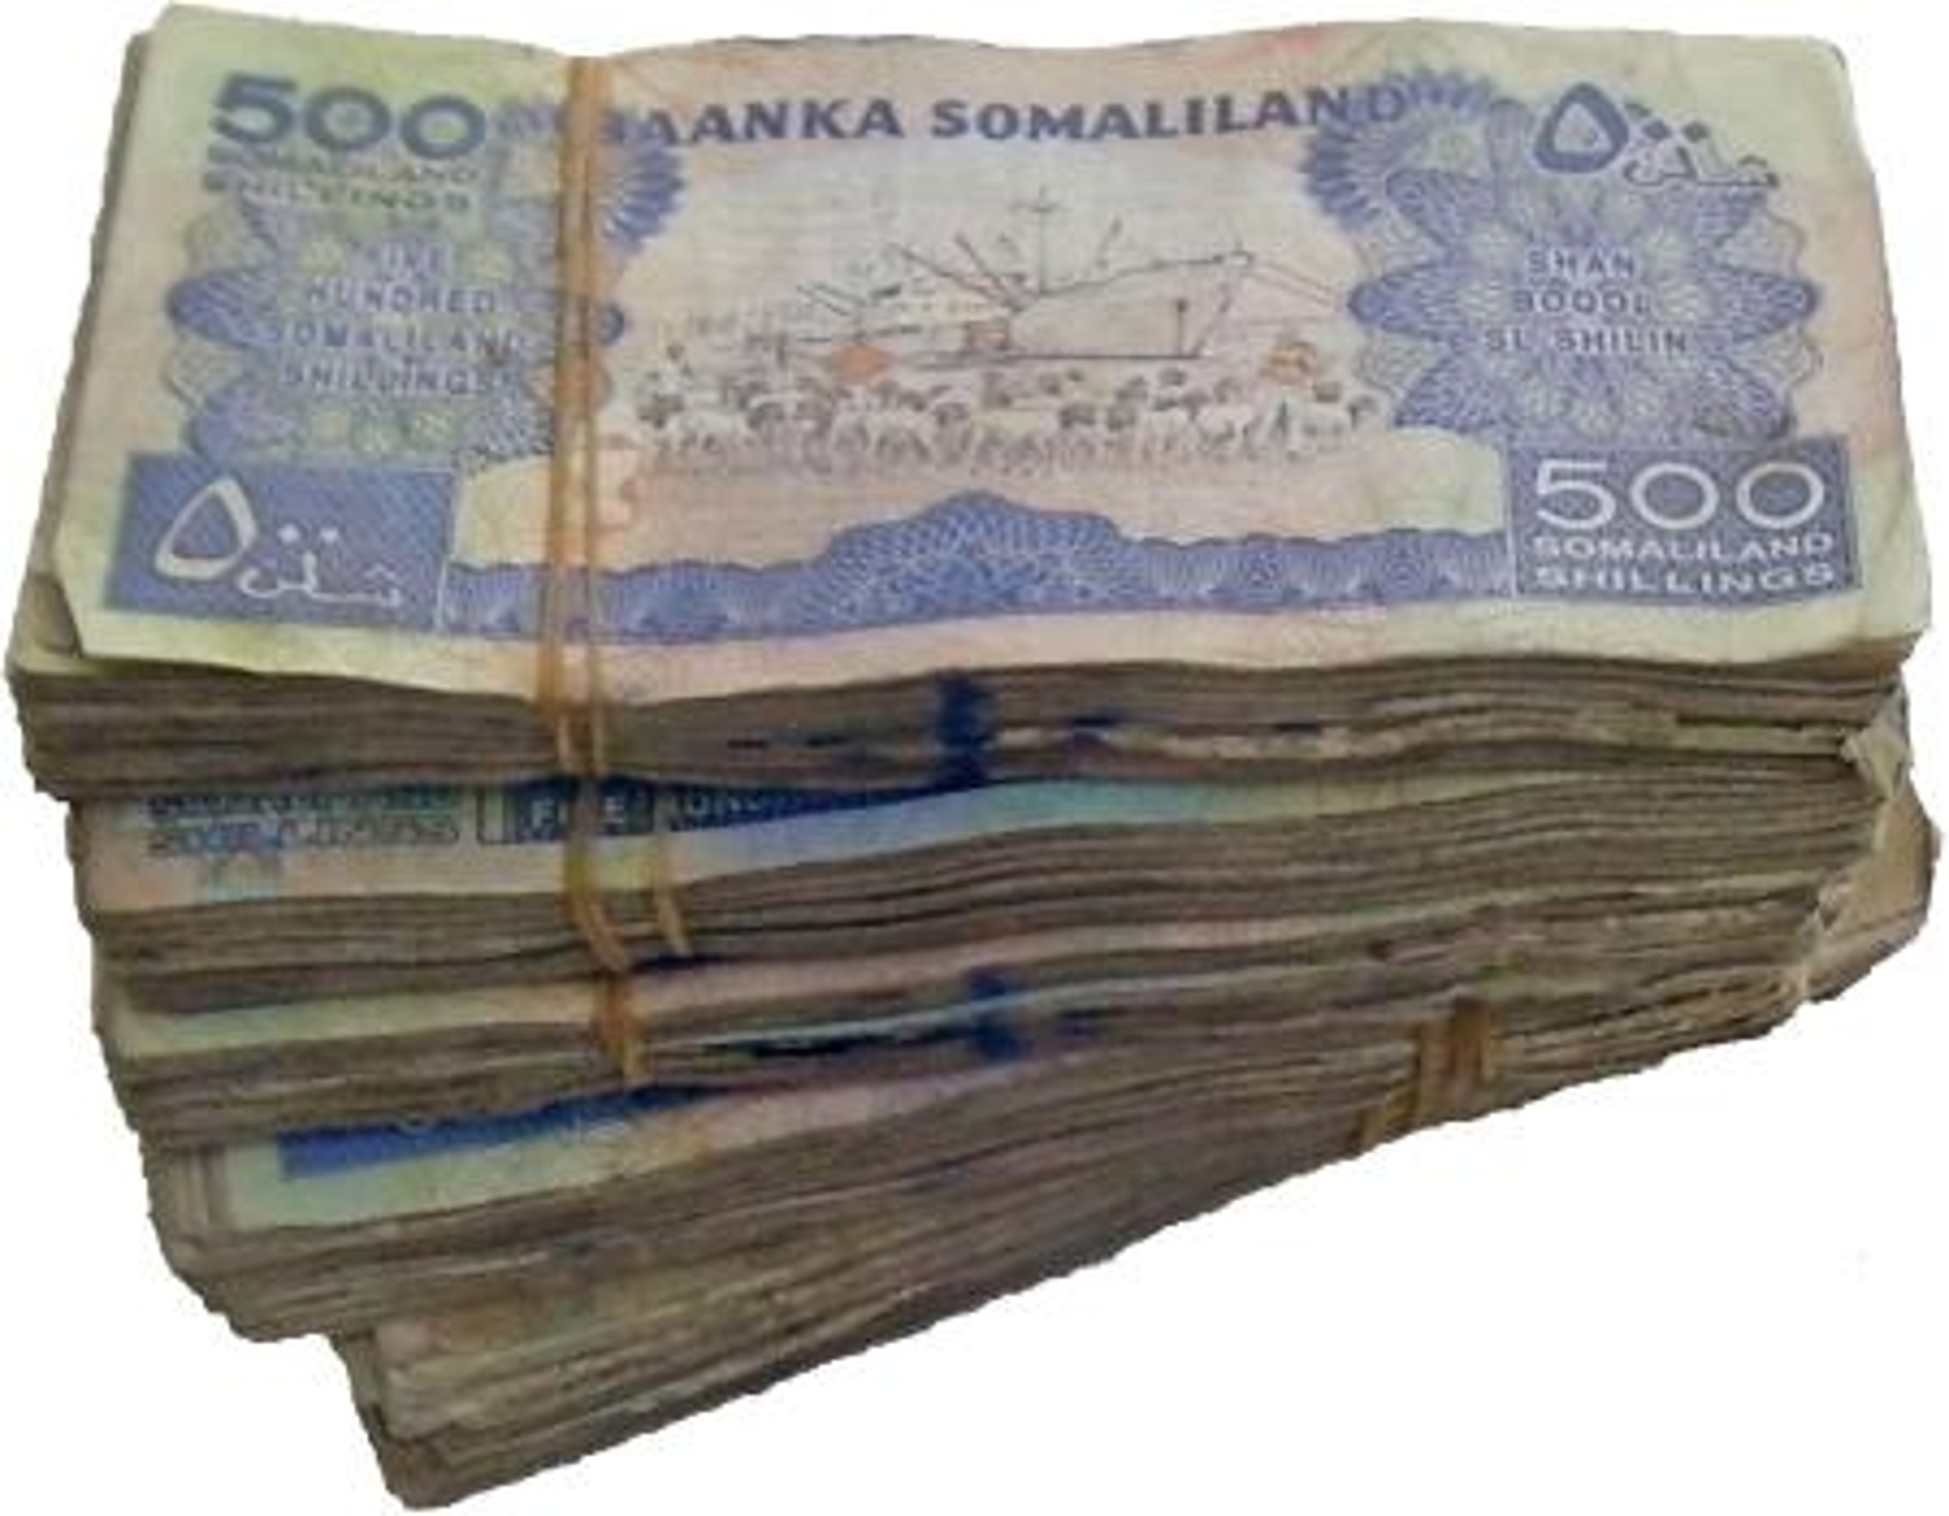 Somaliland Shillings